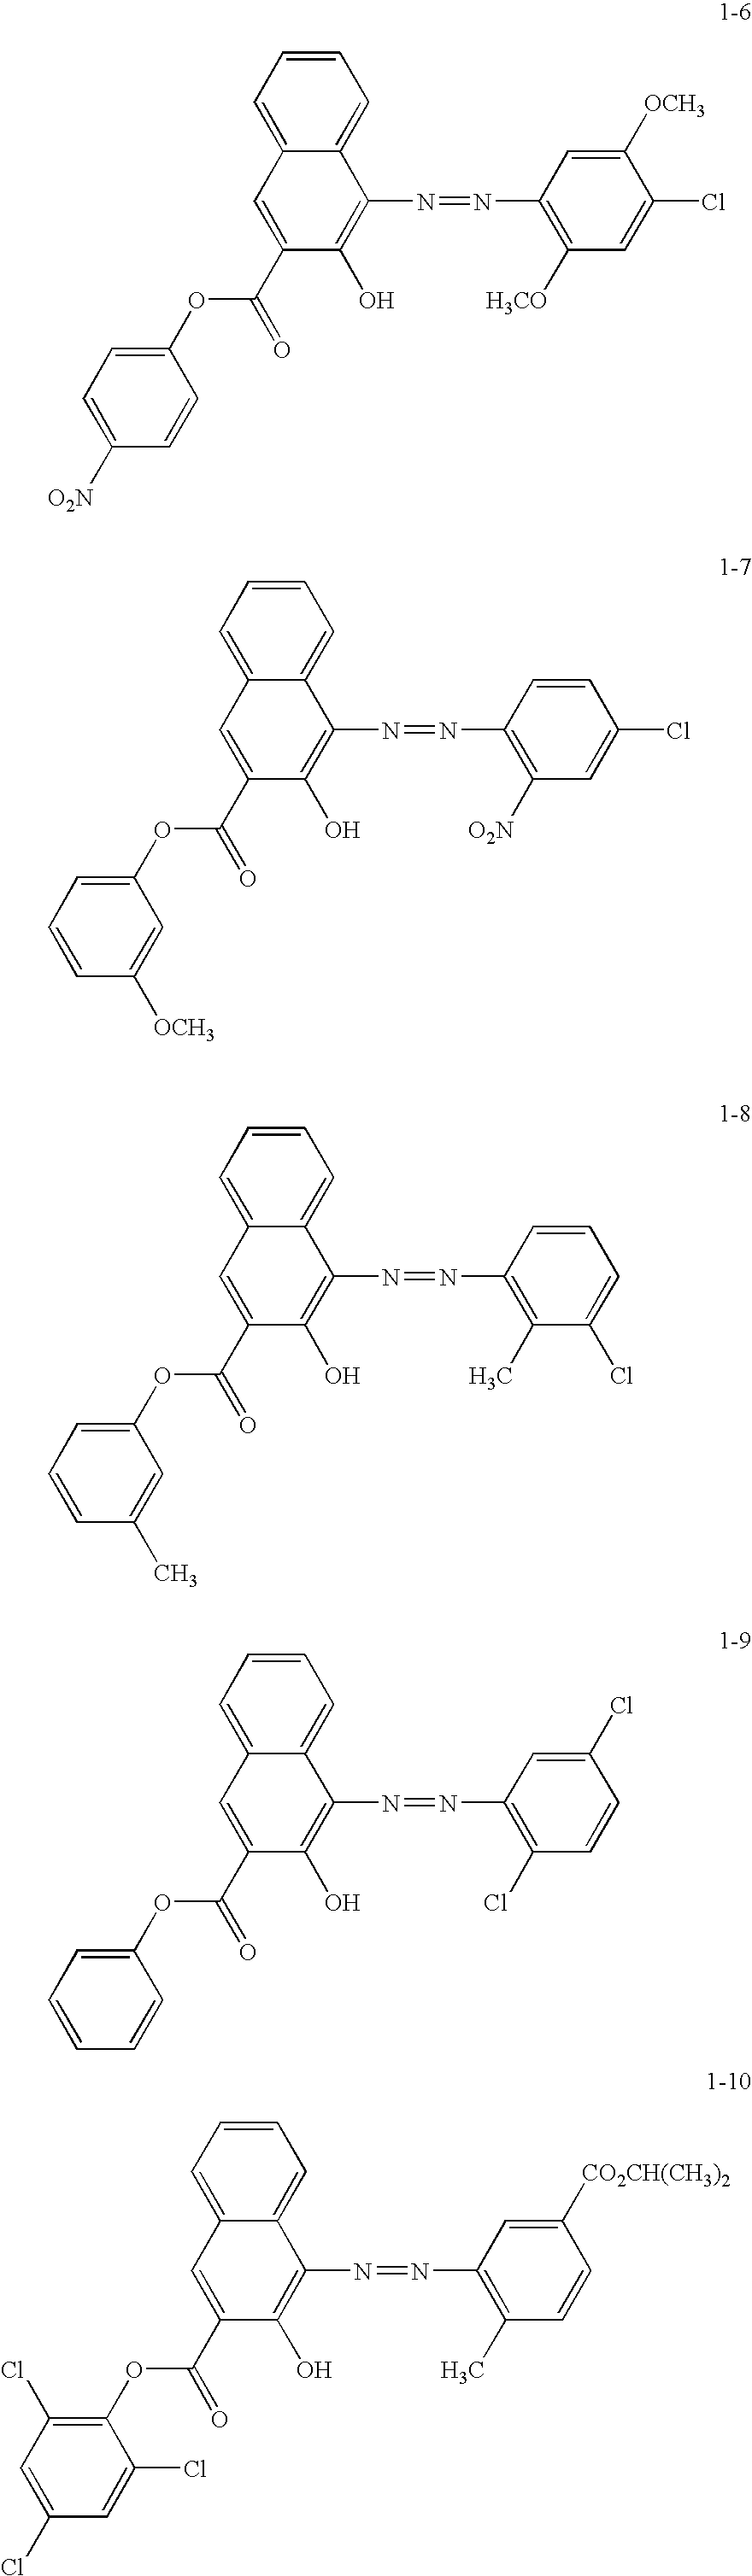 Figure US07427322-20080923-C00012